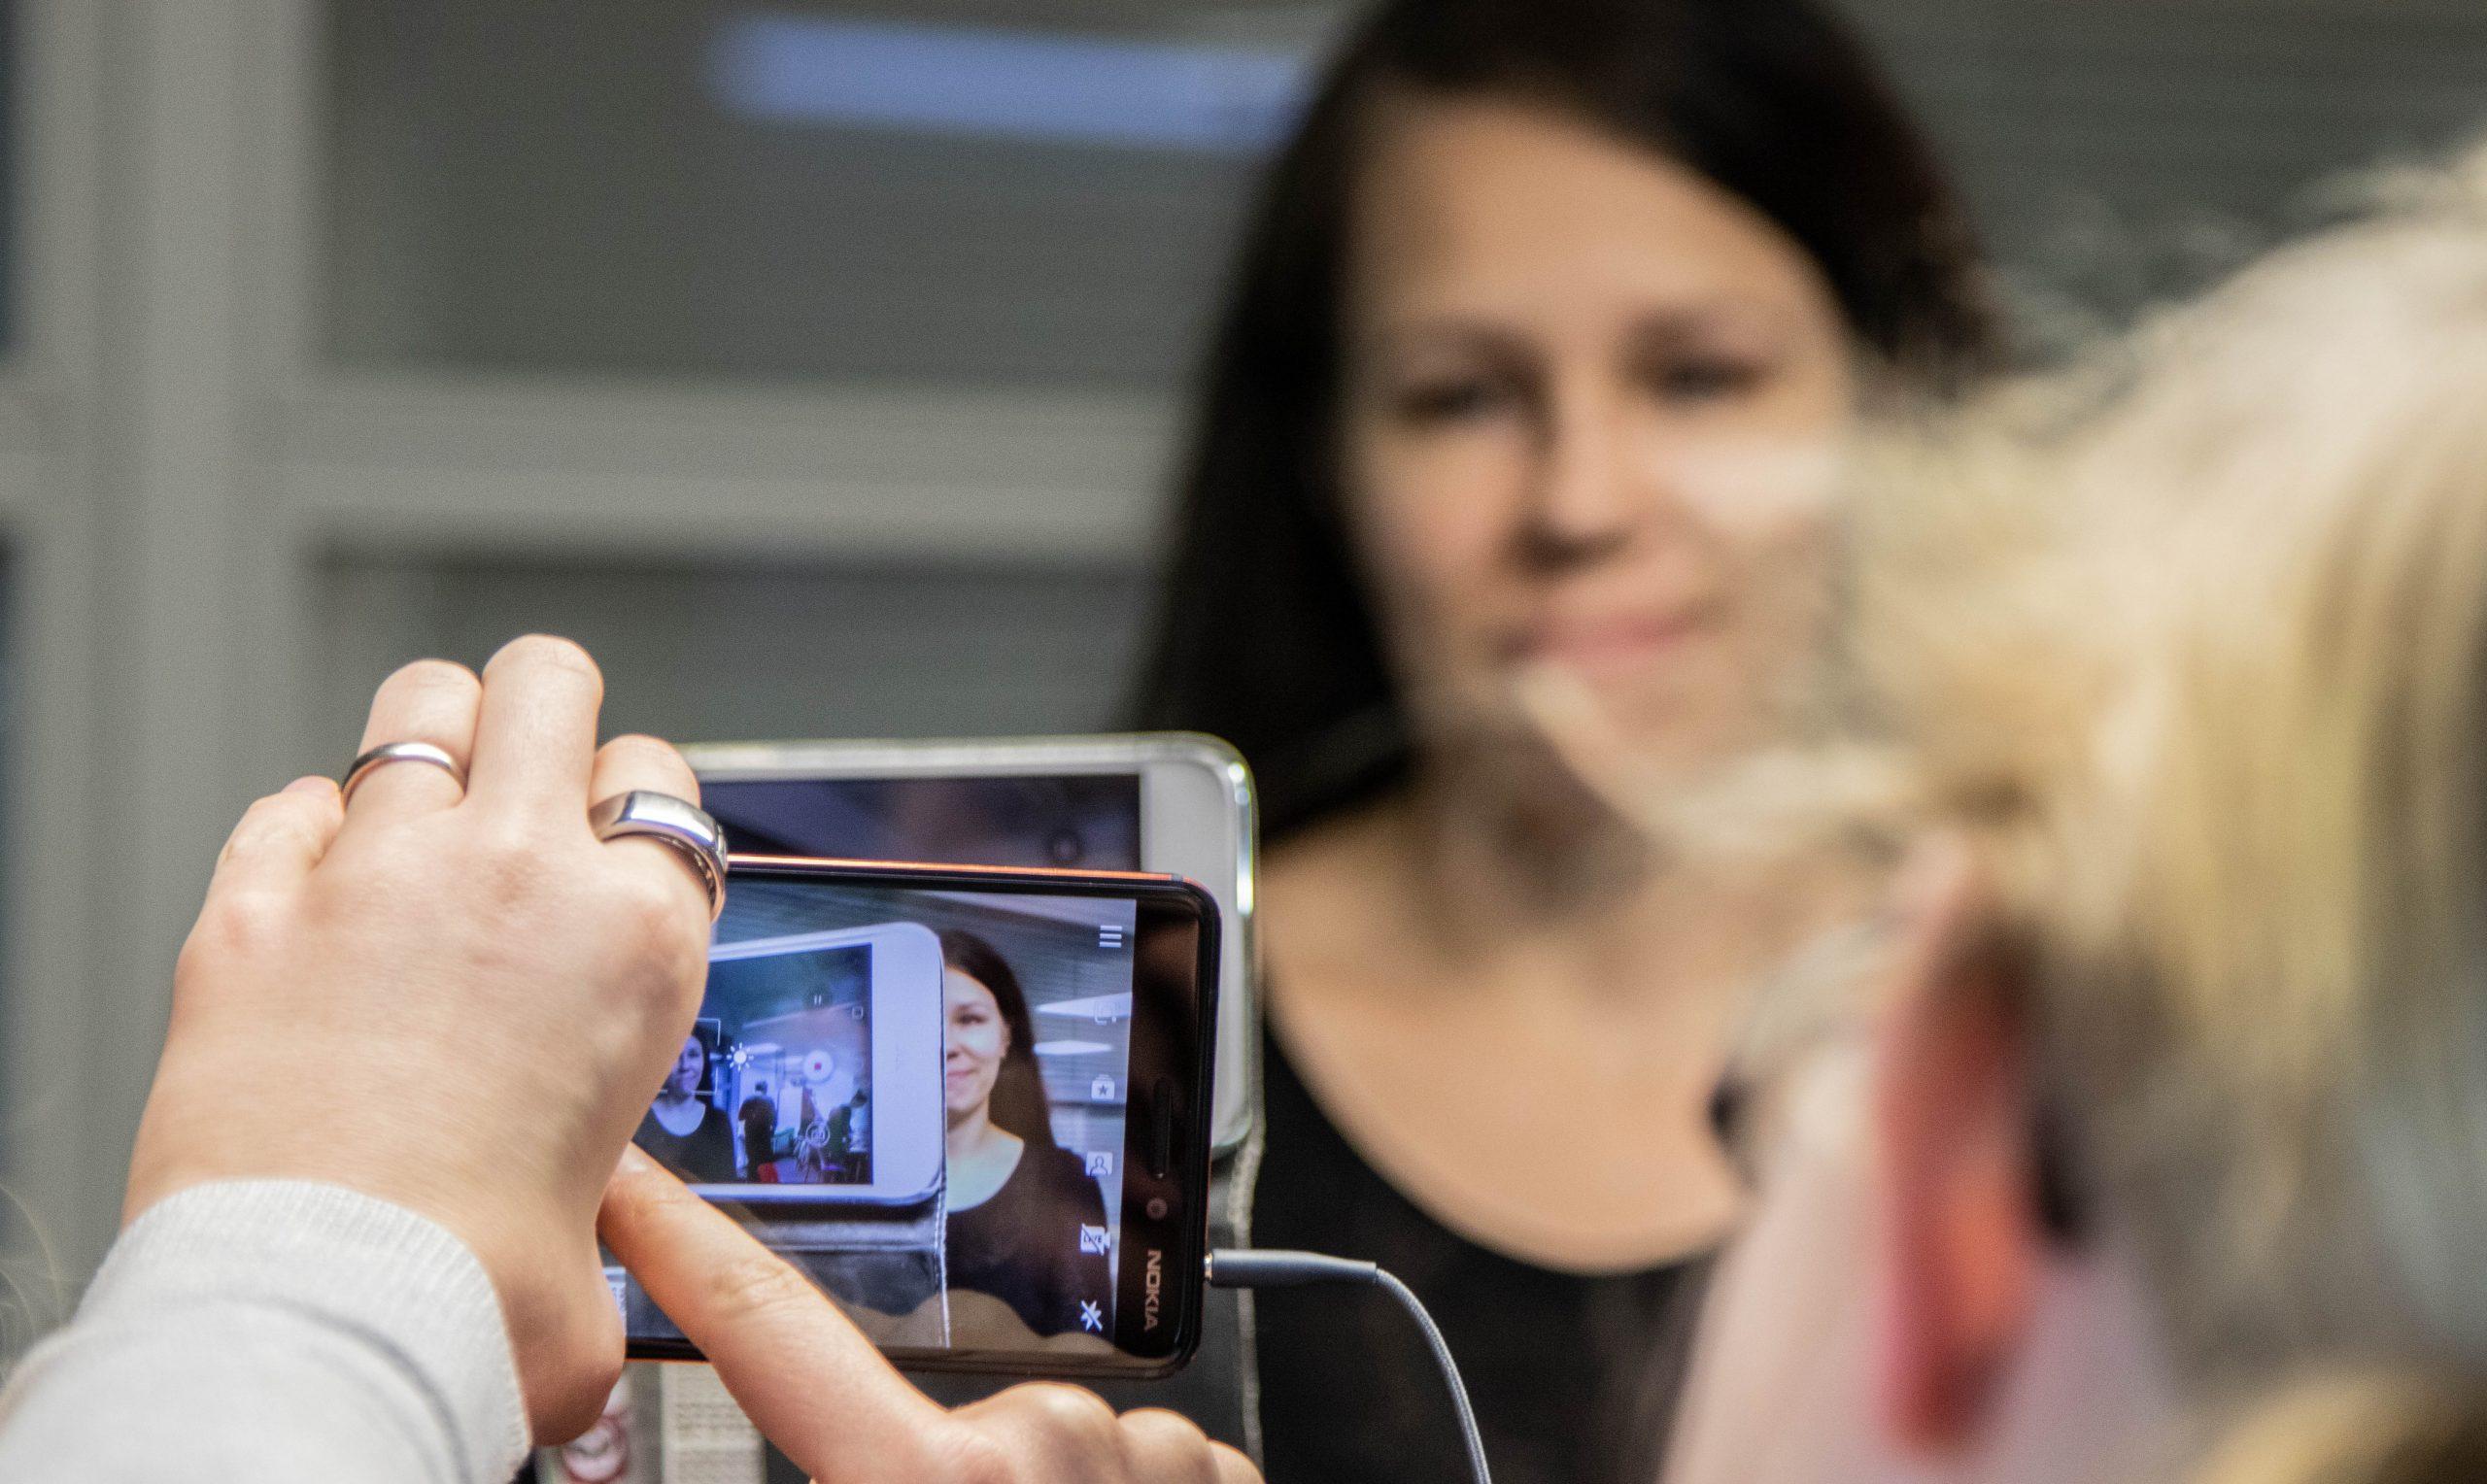 Toteuta vaikuttava kampanja- tai opetusvideo mobiililaitteella -koulutus 1.2.2019 Amazonissa.